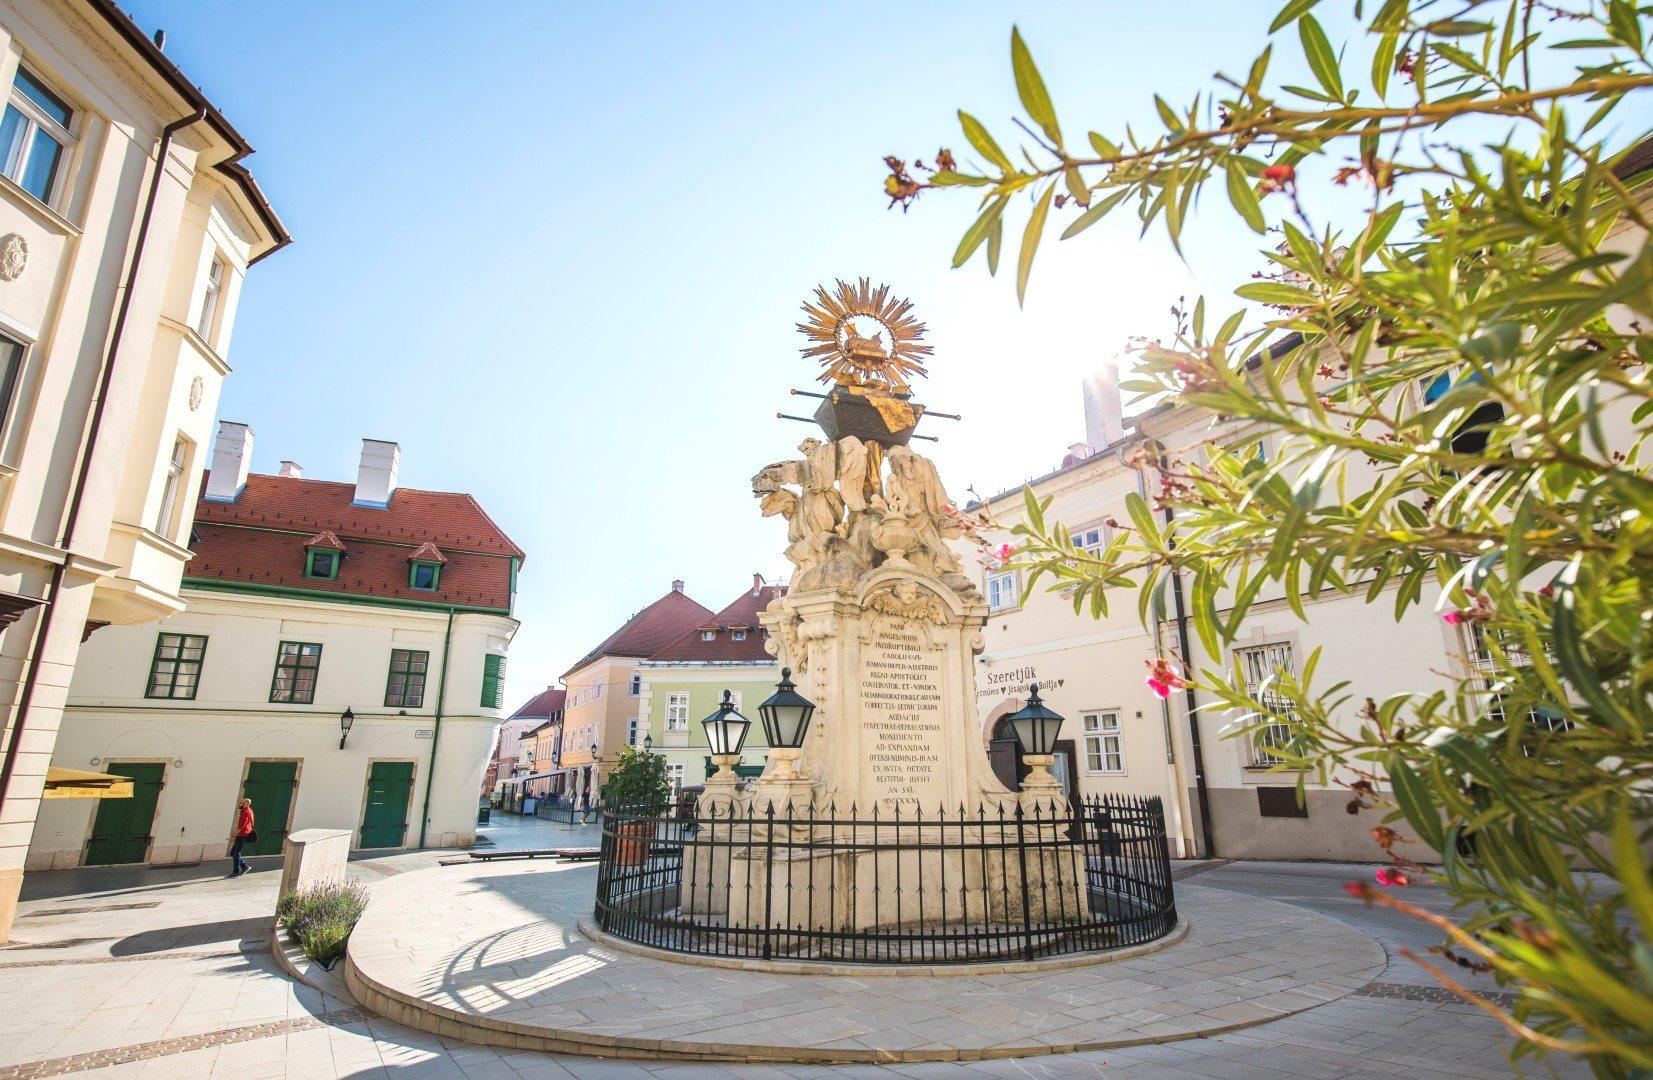 <a href='http://hellogyor.hu/en/sights/gutenberg-square/'>Gutenberg Square</a>